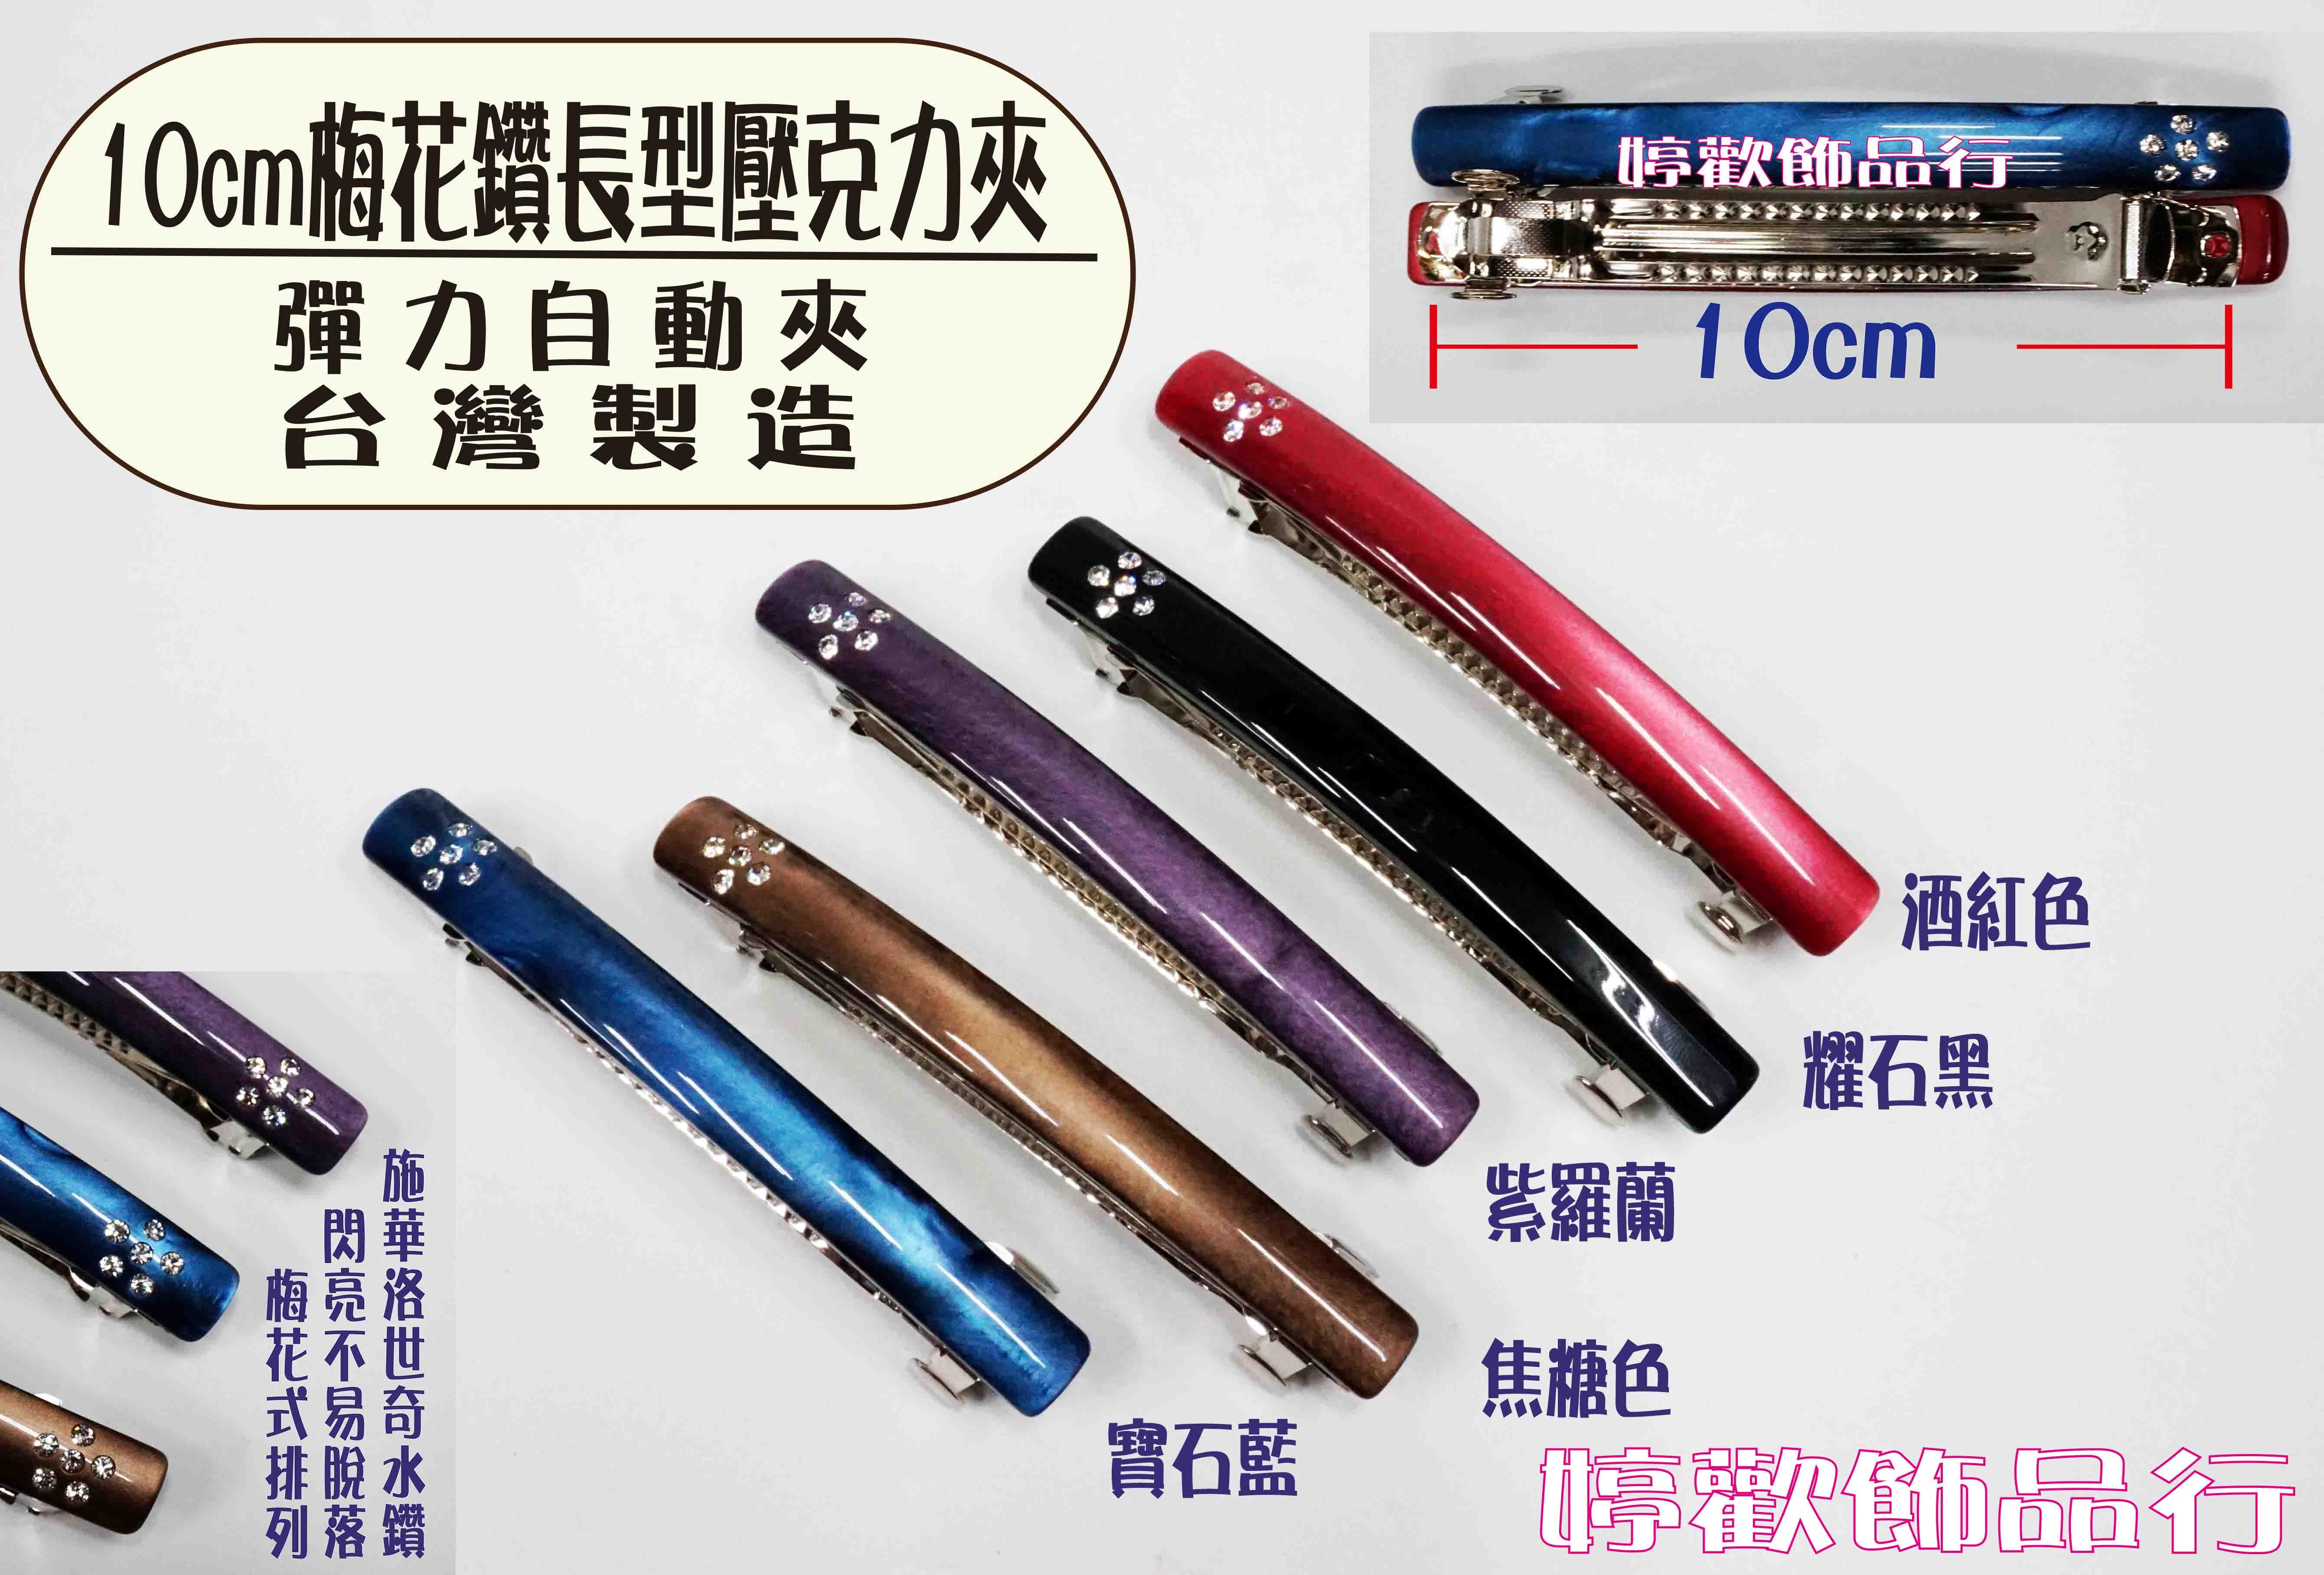 10cm梅花鑽長型壓克力夾/自動夾/台灣製/鋼琴鏡面/一字夾